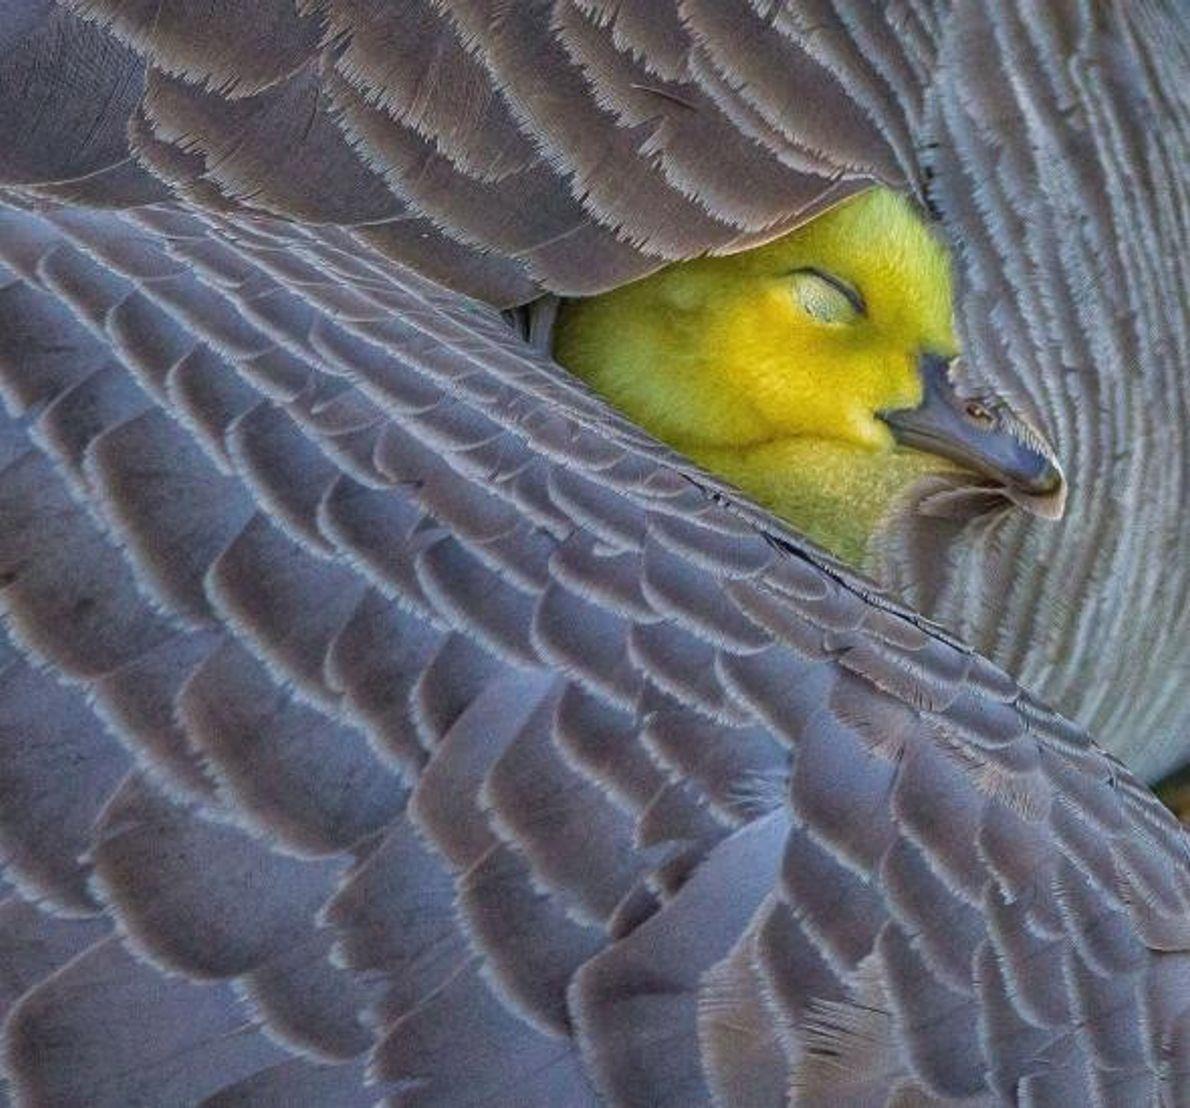 Un oison niche sous l'aile de sa mère, le long du rivage d'un étang dans l'Alberta, ...